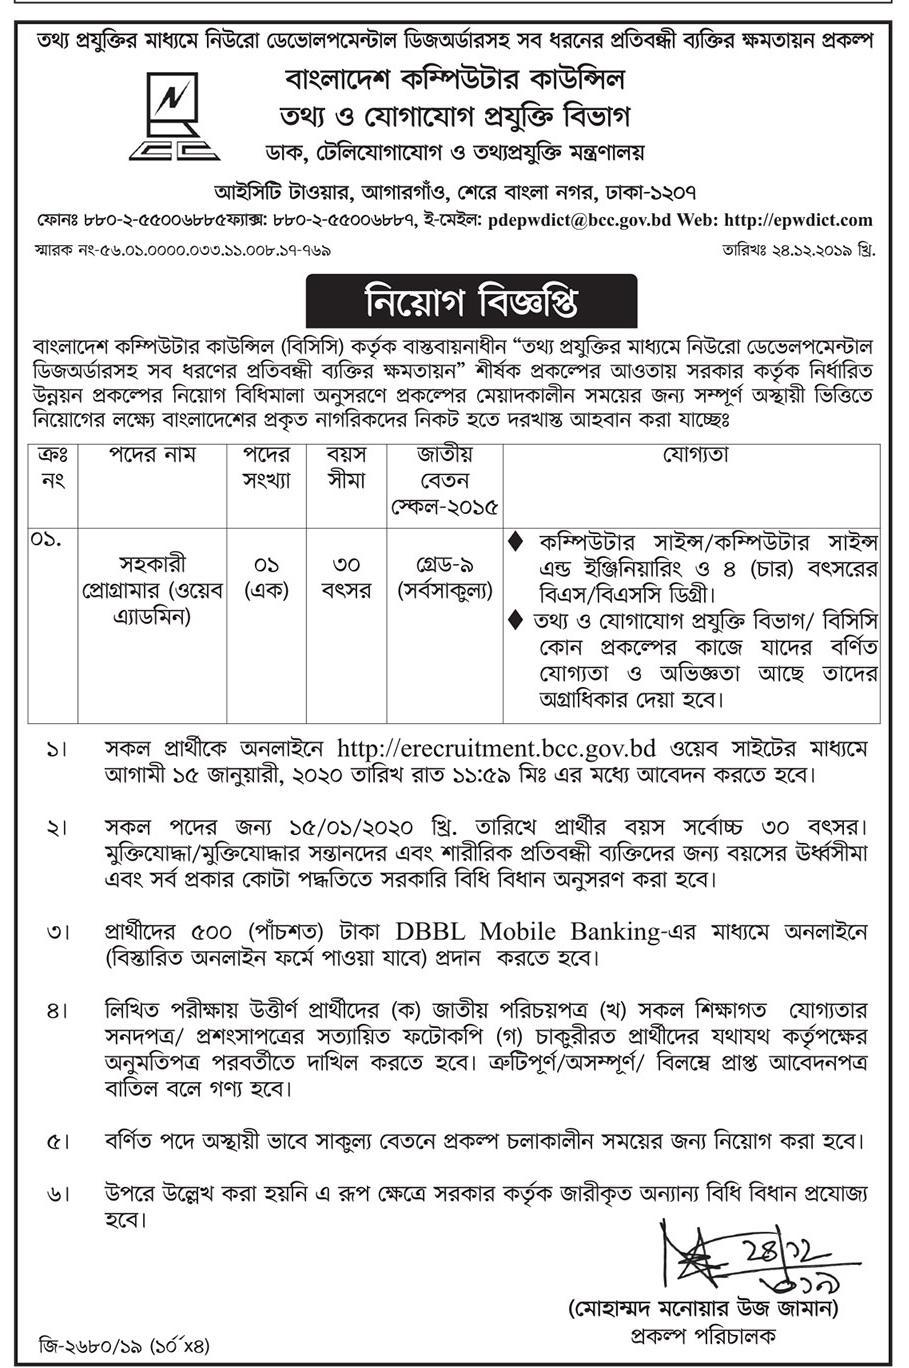 Bangladesh Computer Council